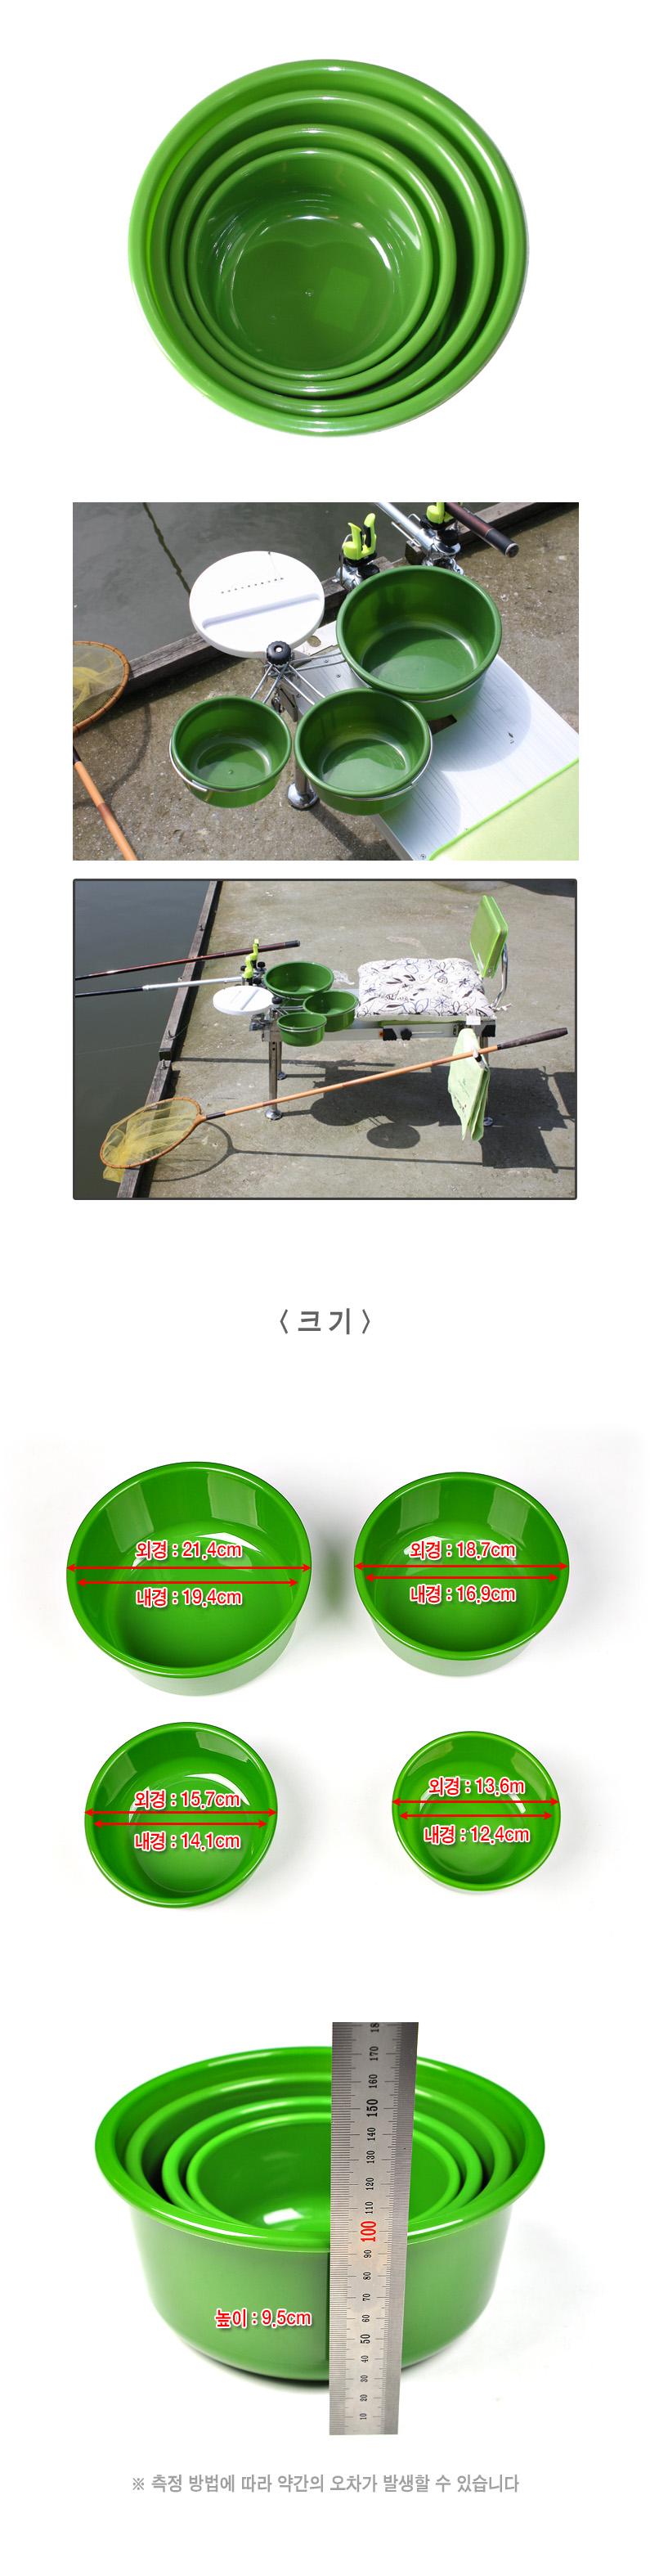 떡밥그릇(4종).jpg